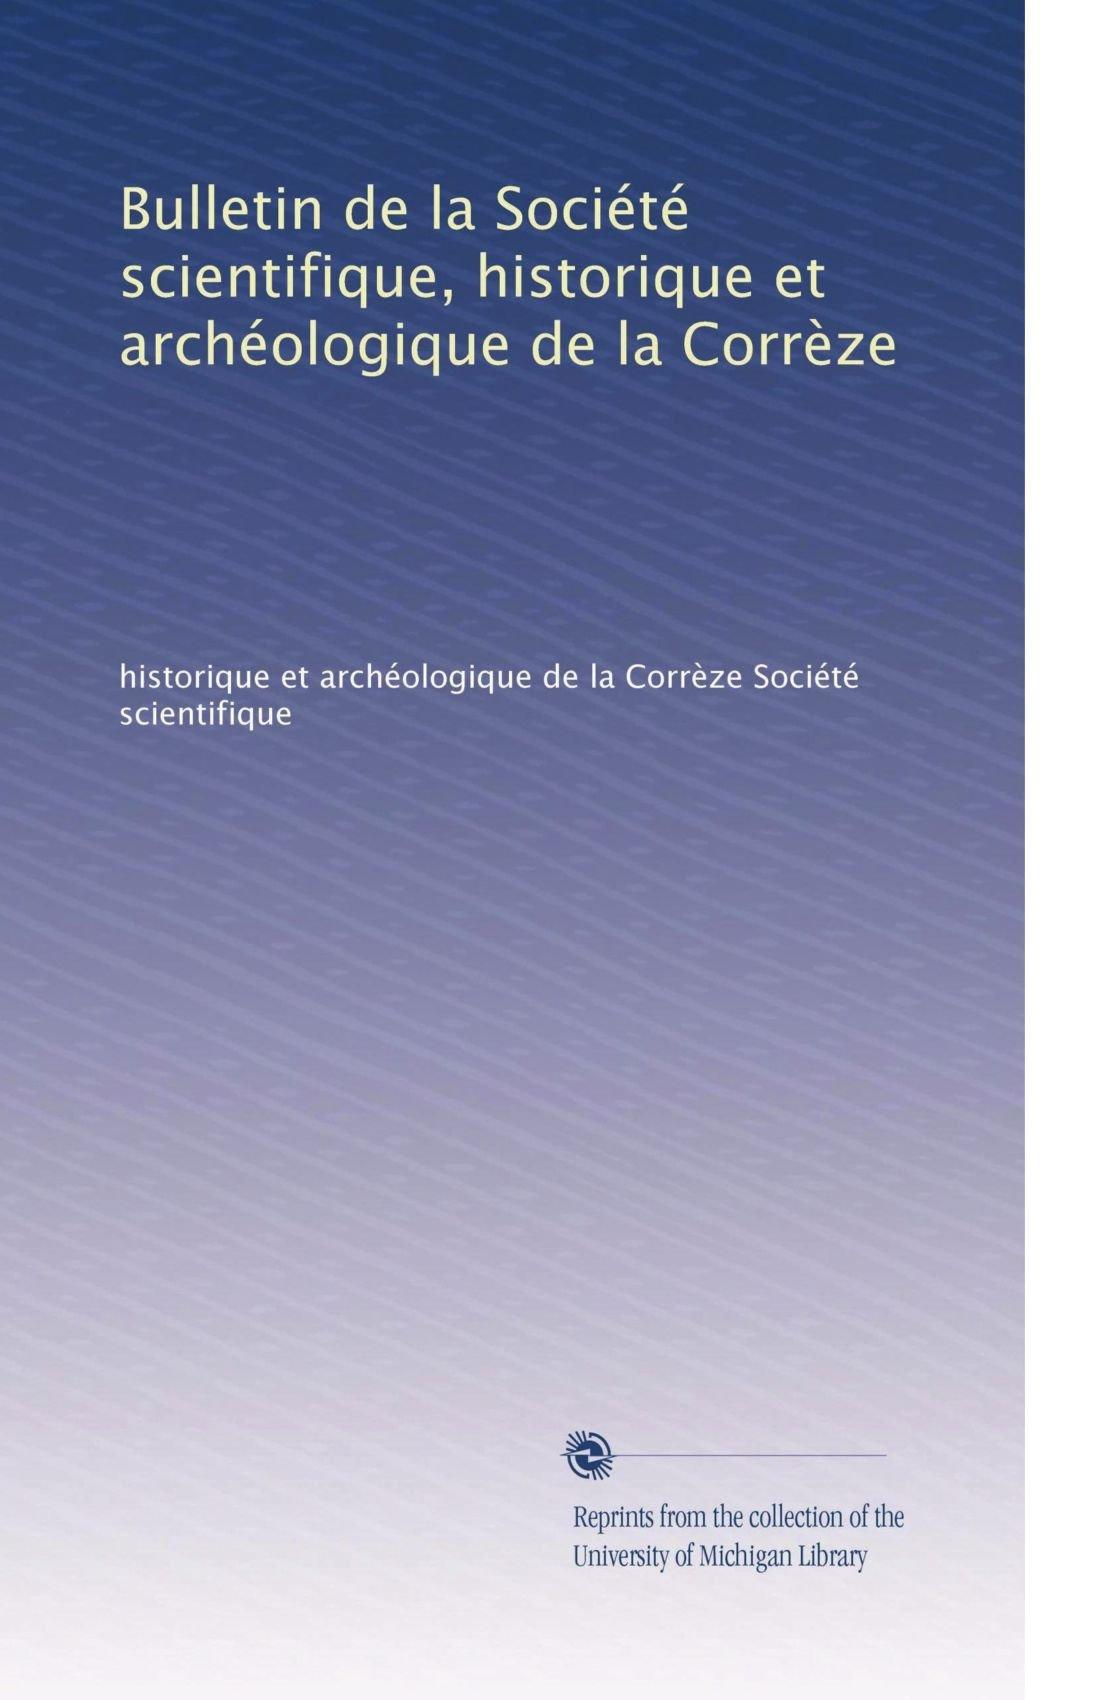 Bulletin de la Société scientifique, historique et archéologique de la Corrèze (Volume 30) (French Edition) PDF